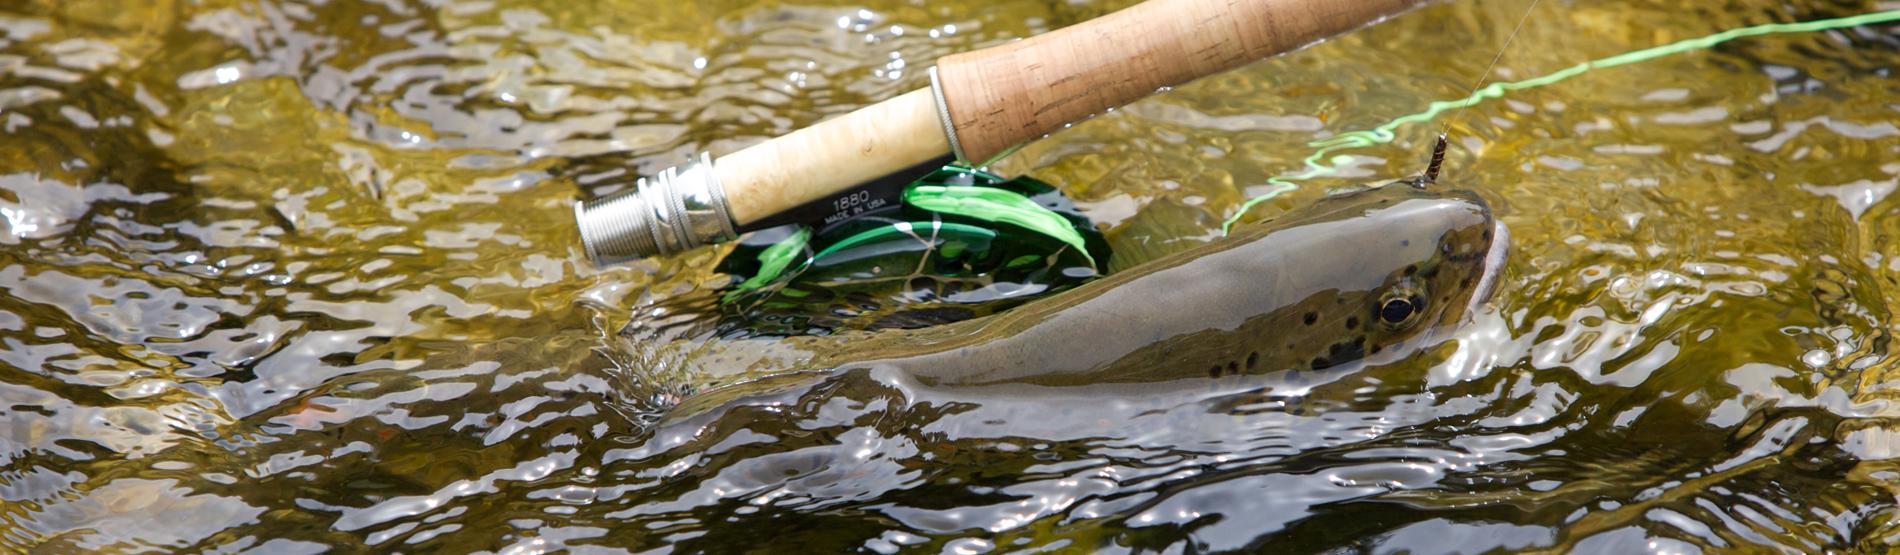 Forelle und Fliegenrute im Fluss